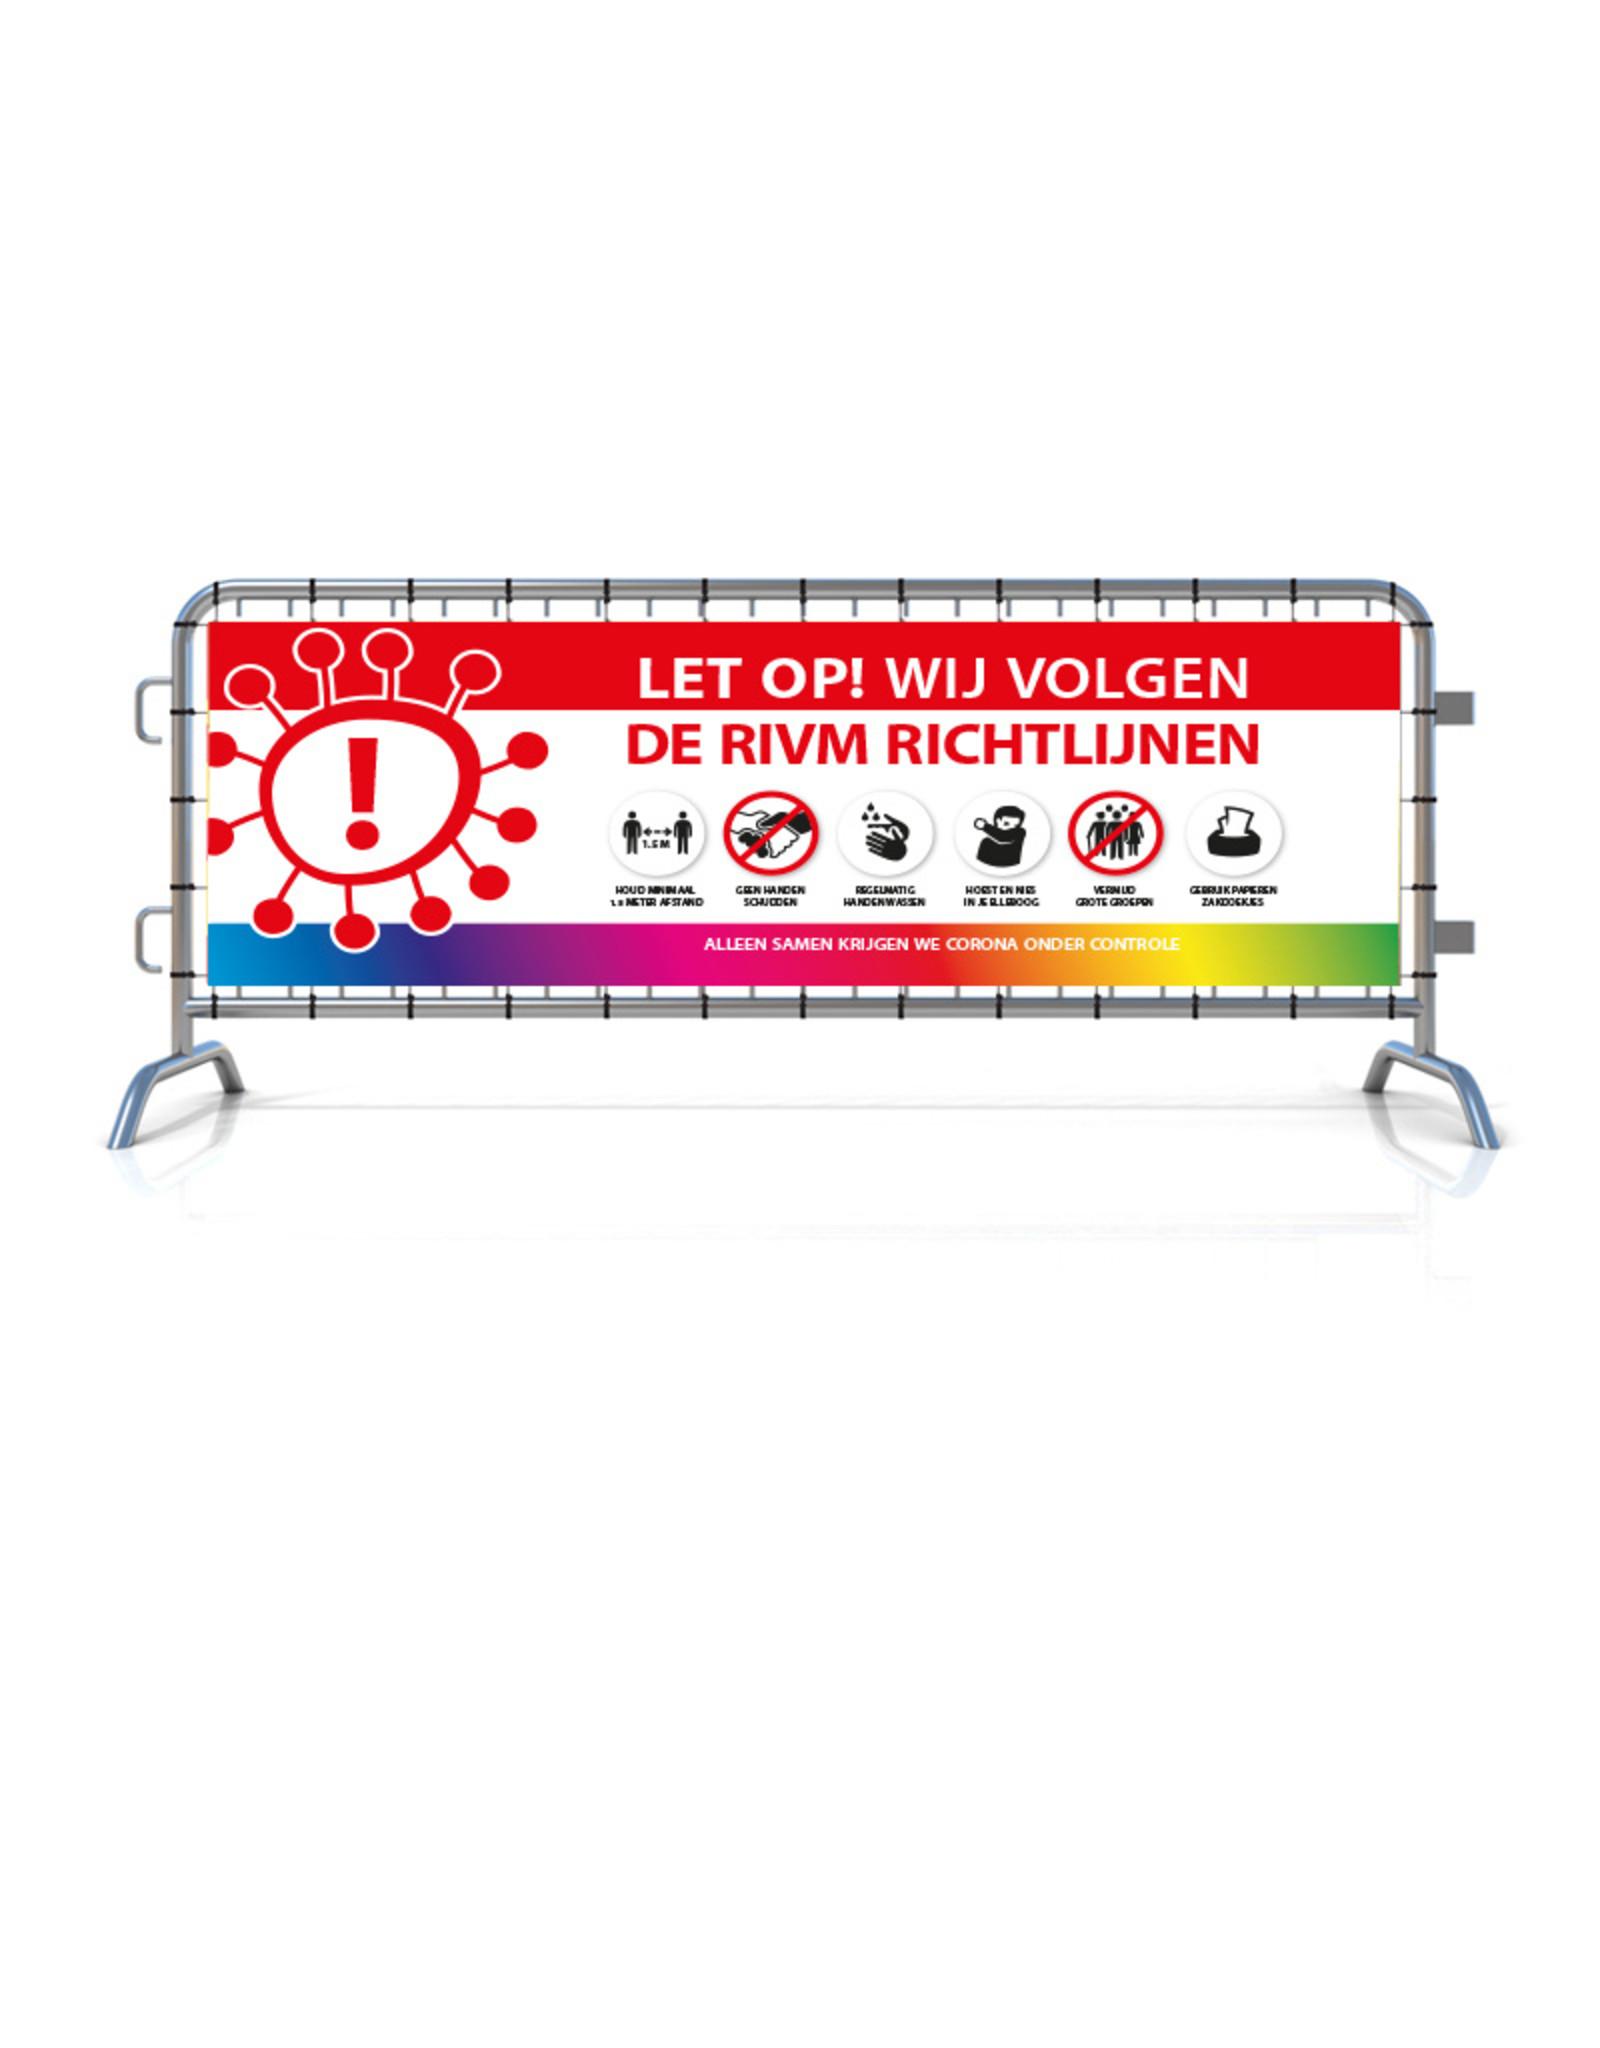 Spandoek RIVM - Richtlijnen (215x71cm) - Wit